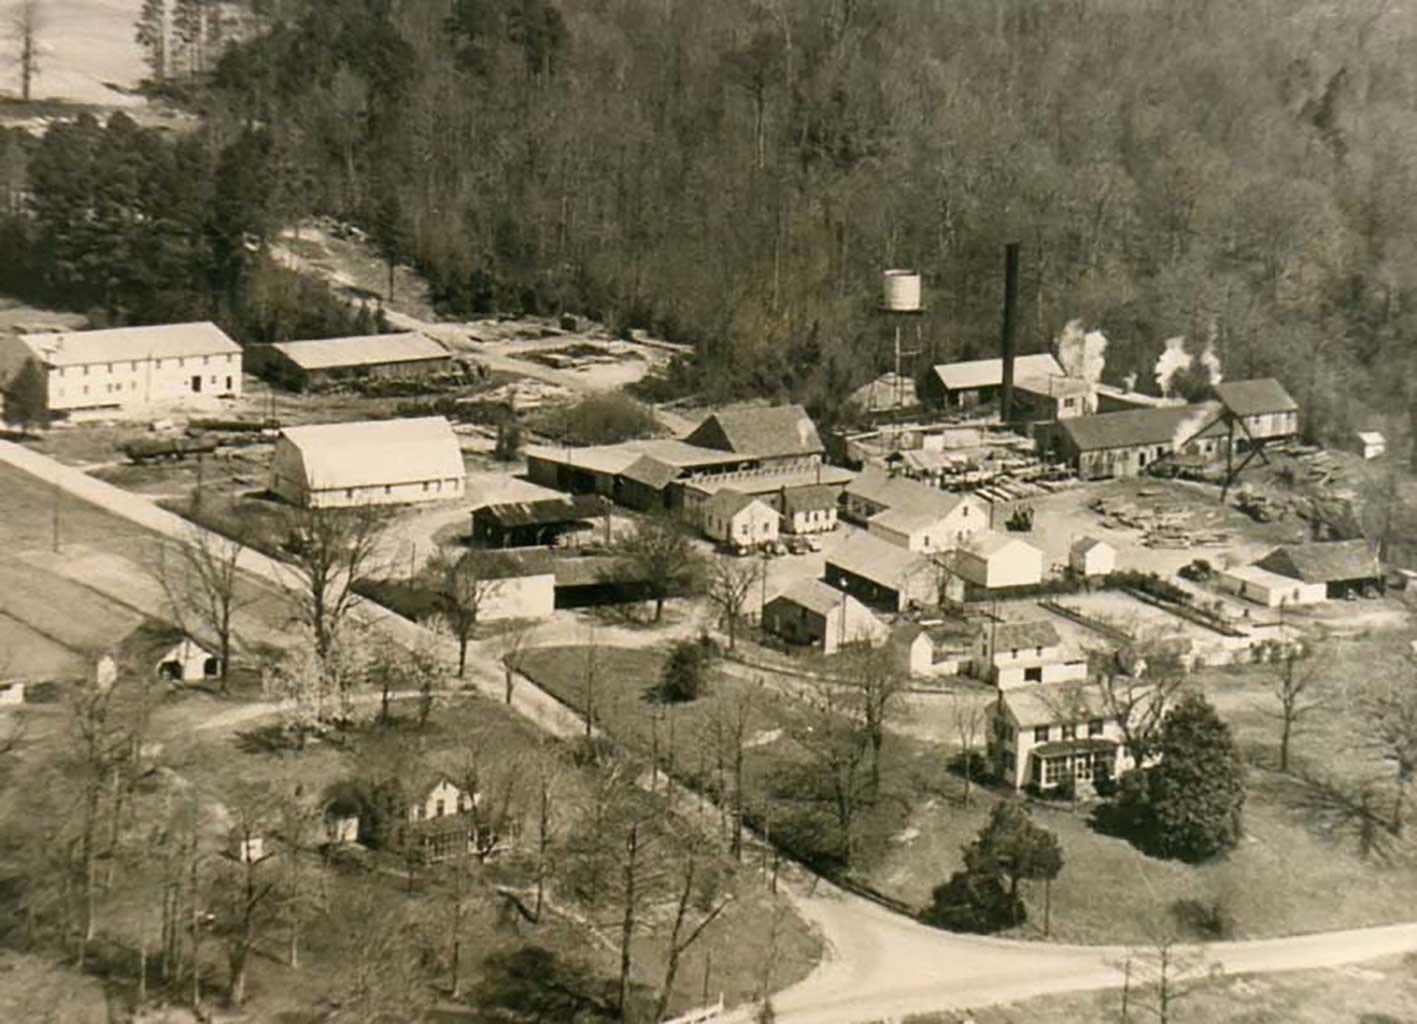 klc-morgan-and-kirk-homes-1951-img268